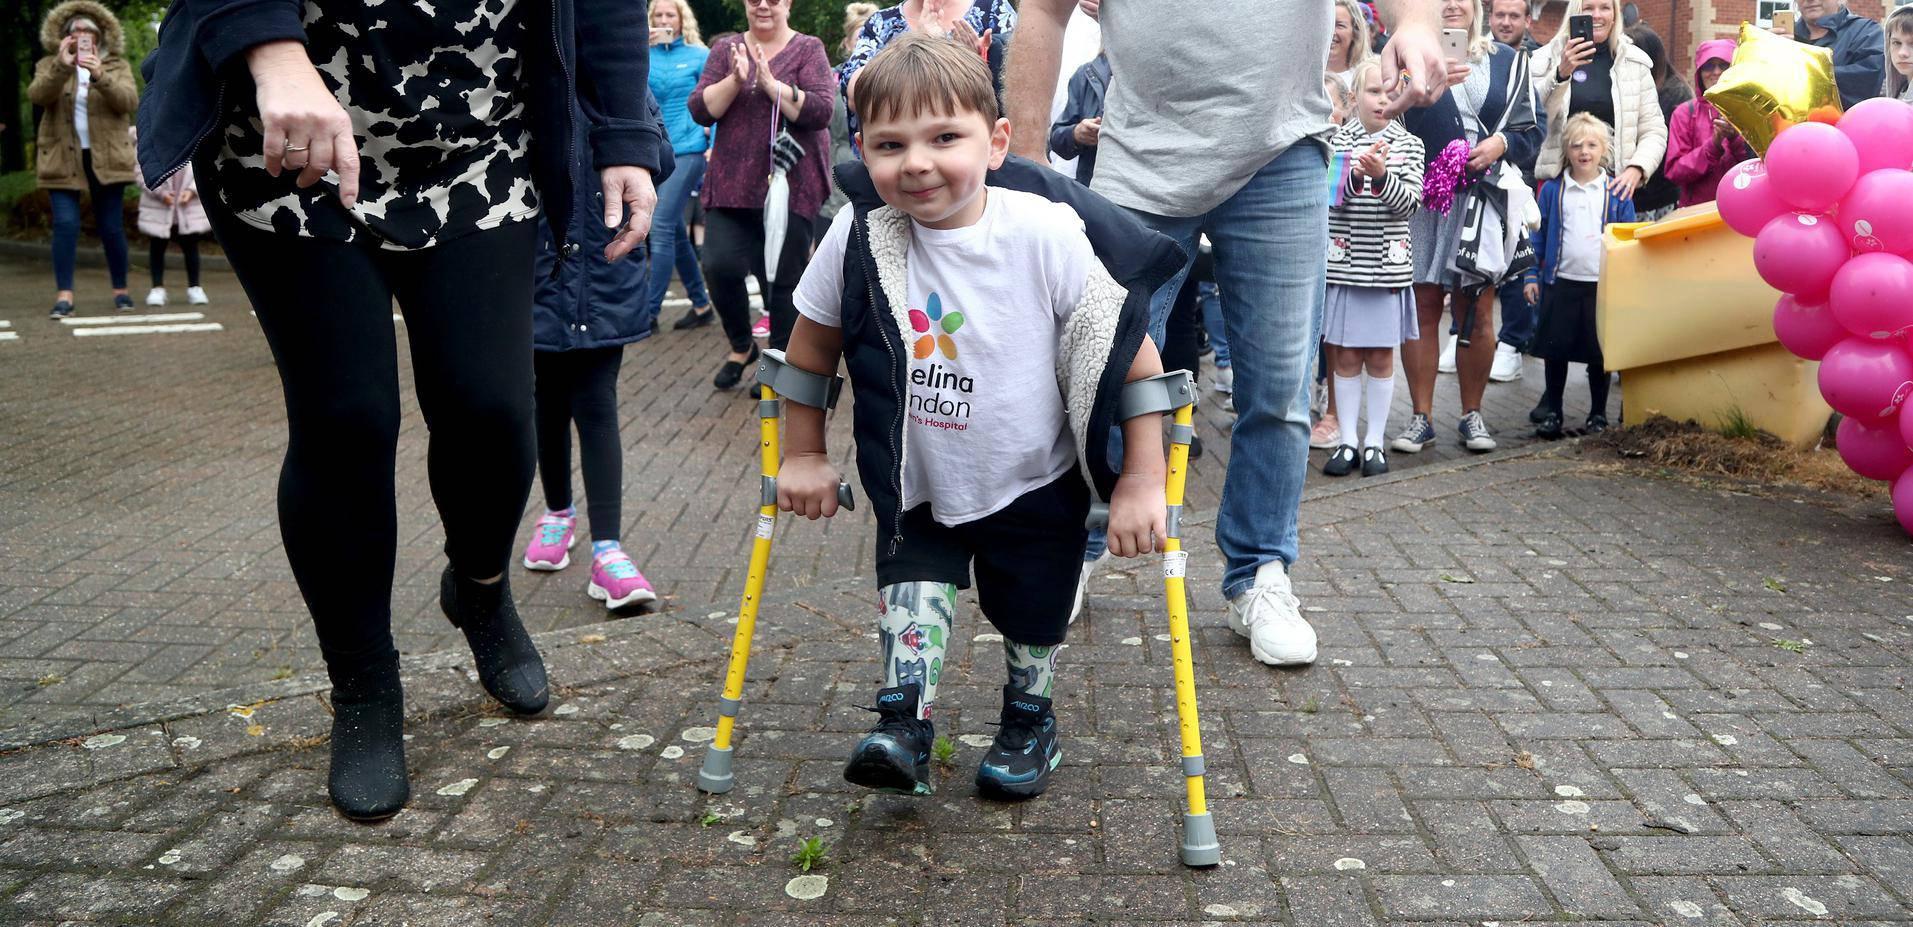 Mali heroj (5): S dvije proteze na nogama propješačio 10 km u 30 dana i skupio 8,5 milijuna kn